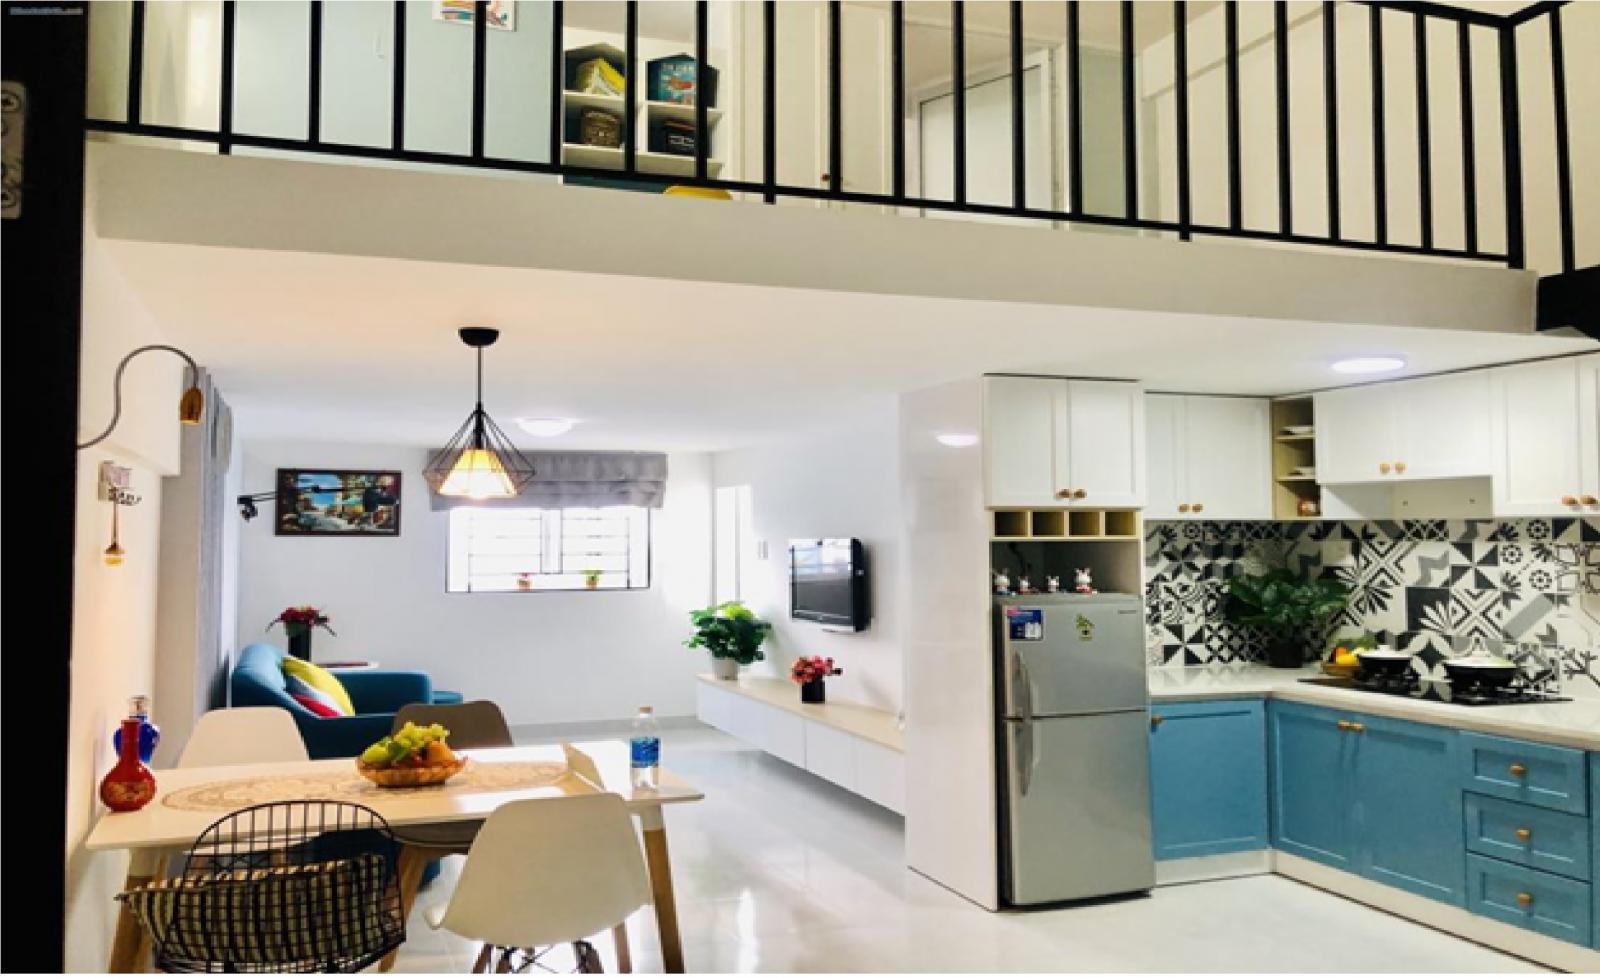 Một căn hộ có gác lửng, trong đó khu vực bếp và phòng khách được bố trí bên dưới, trên gác lửng là phòng ngủ và nhà vệ sinh